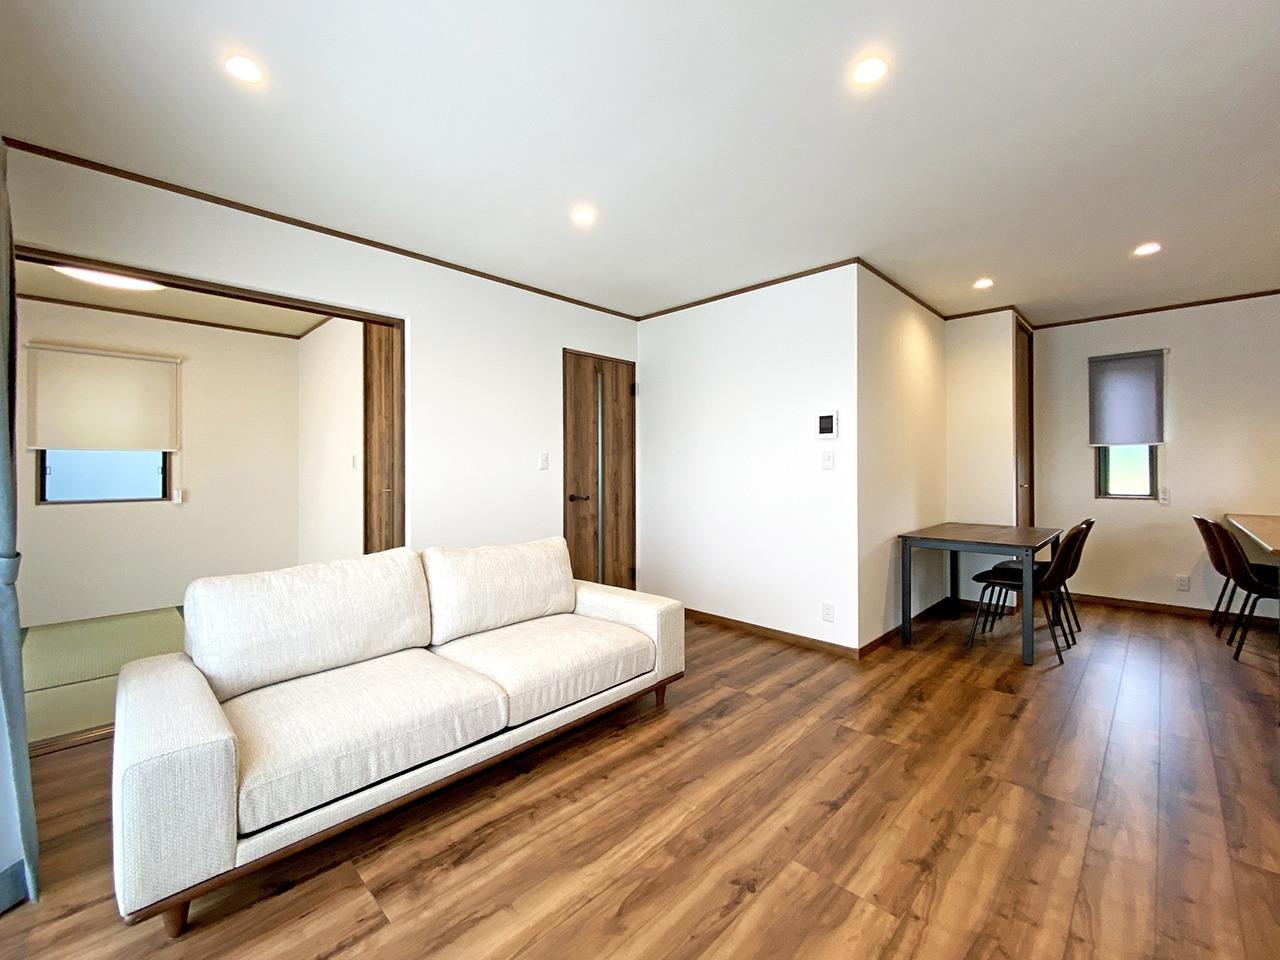 和室とつながる広々リビングのある家@富士宮市